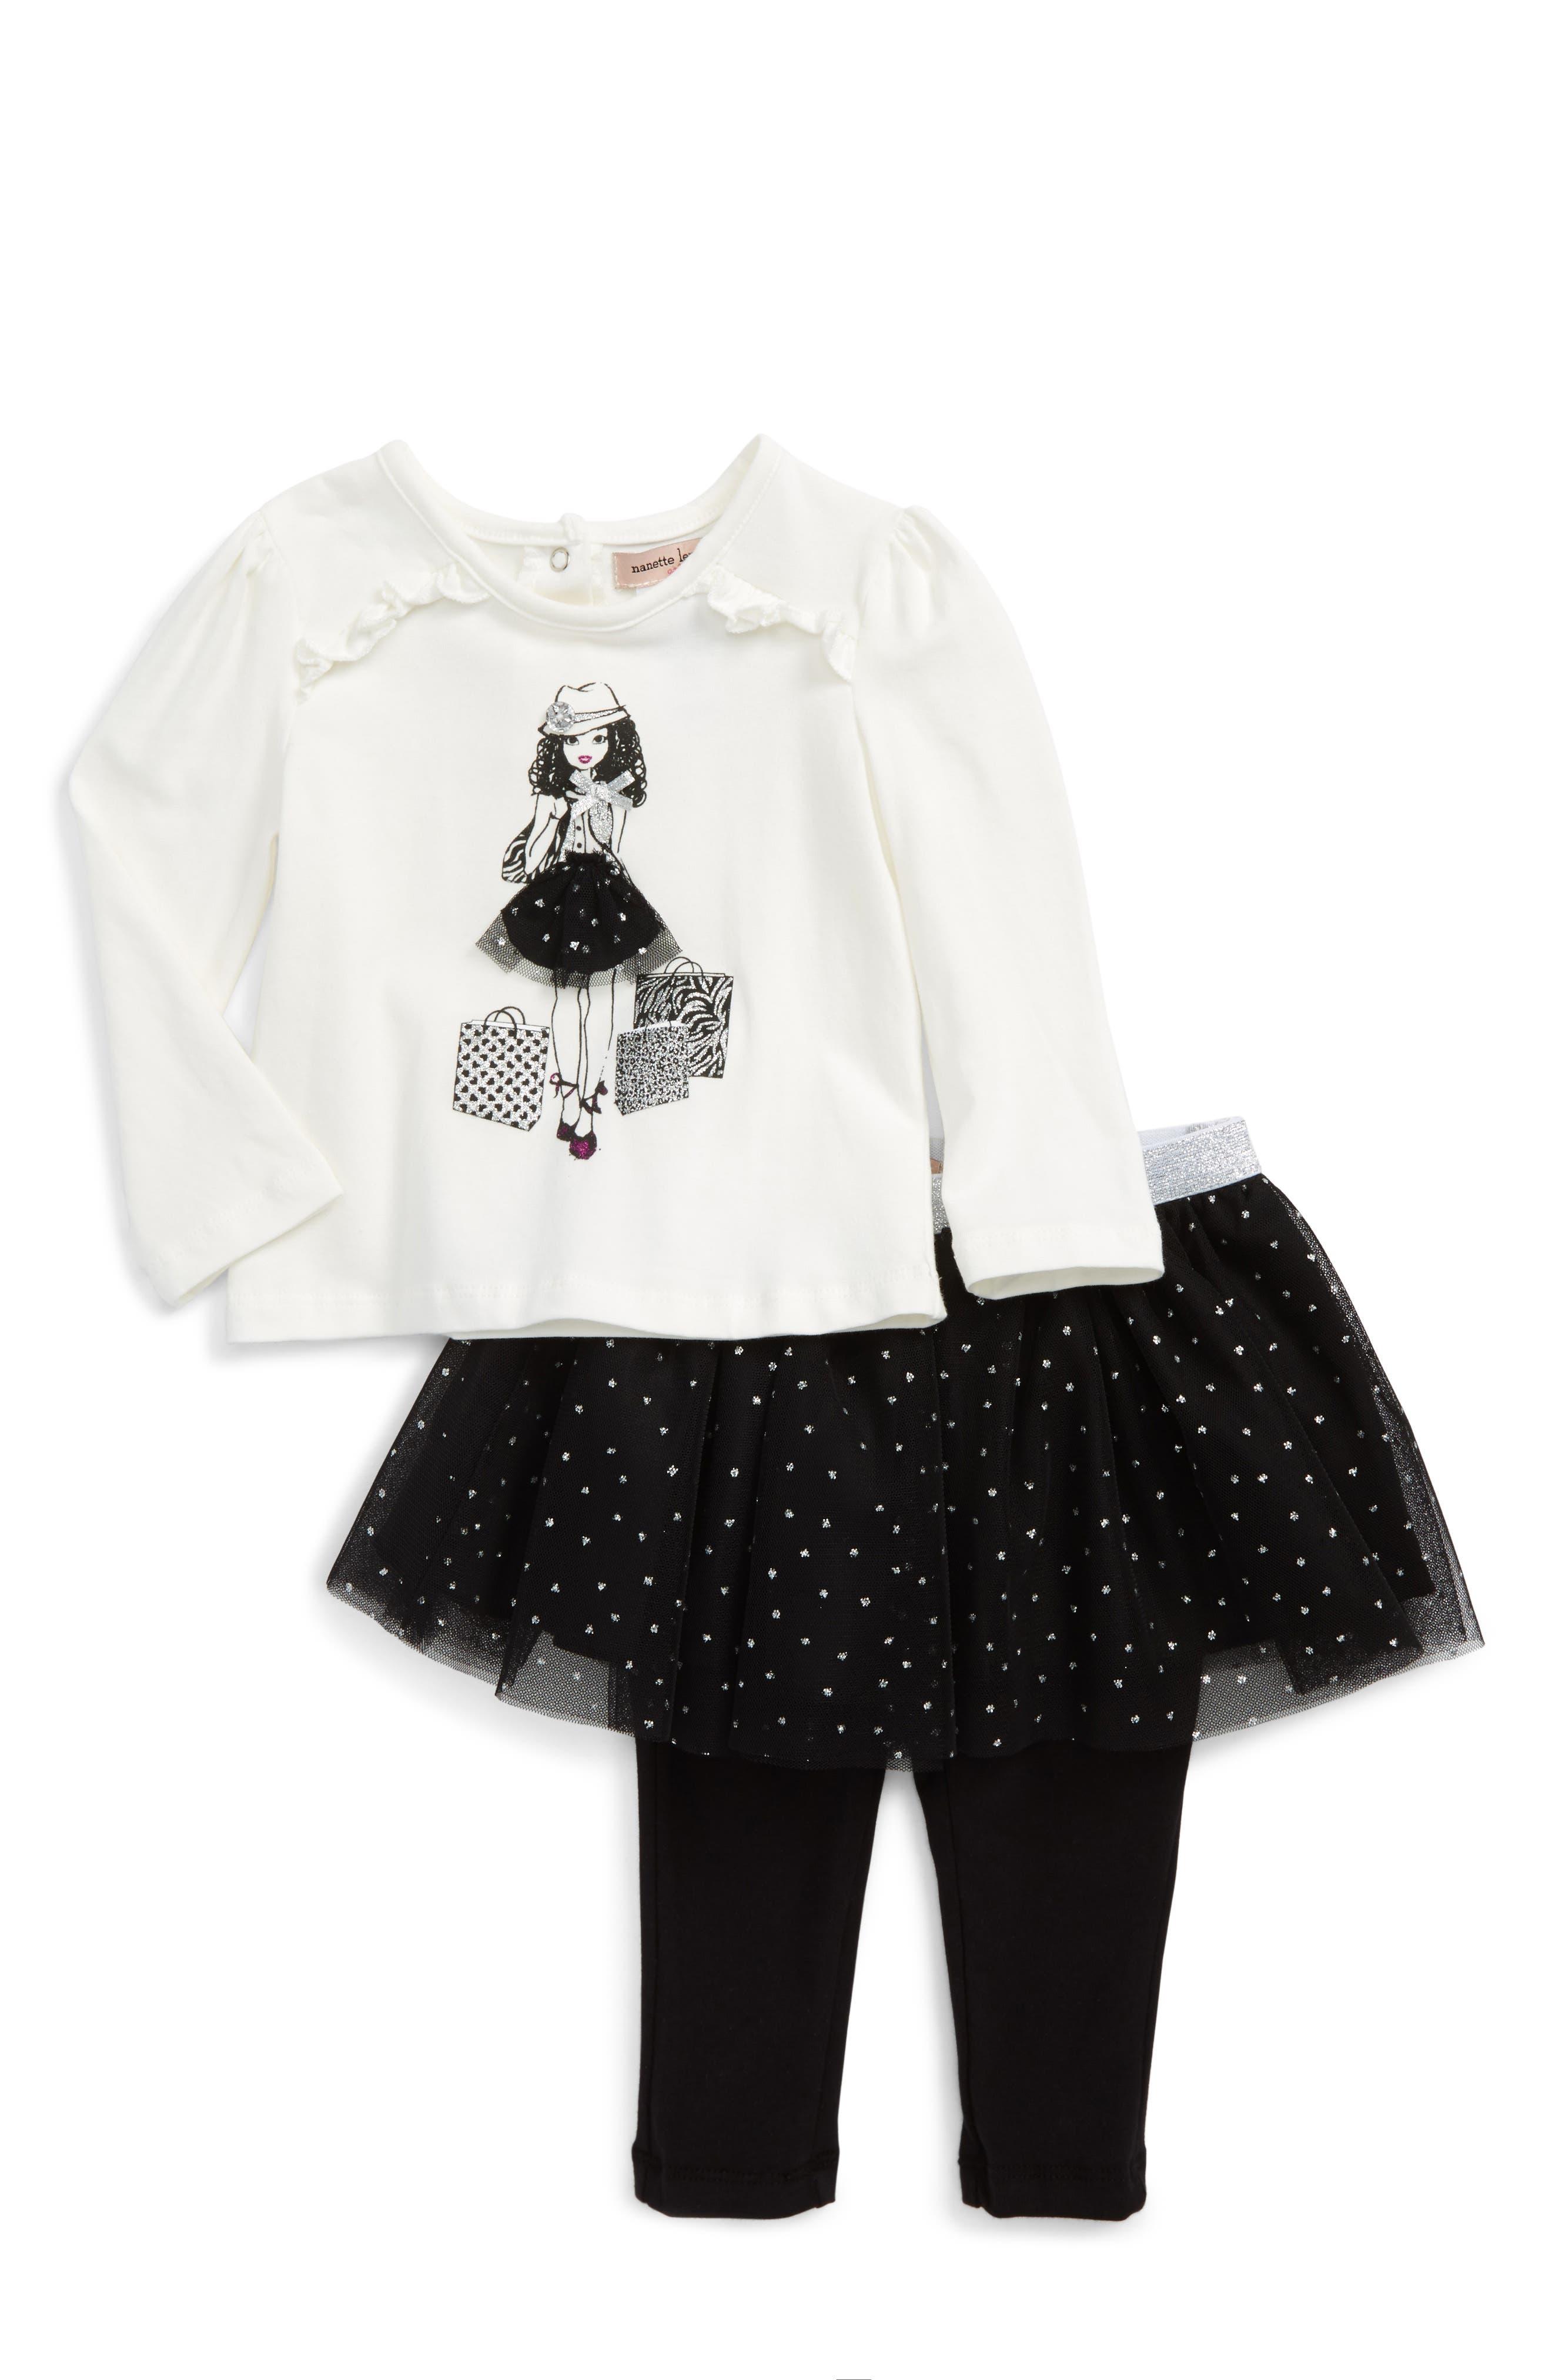 Nanette Lepore Shopping Girl Tee & Skirt Set (Baby Girls)